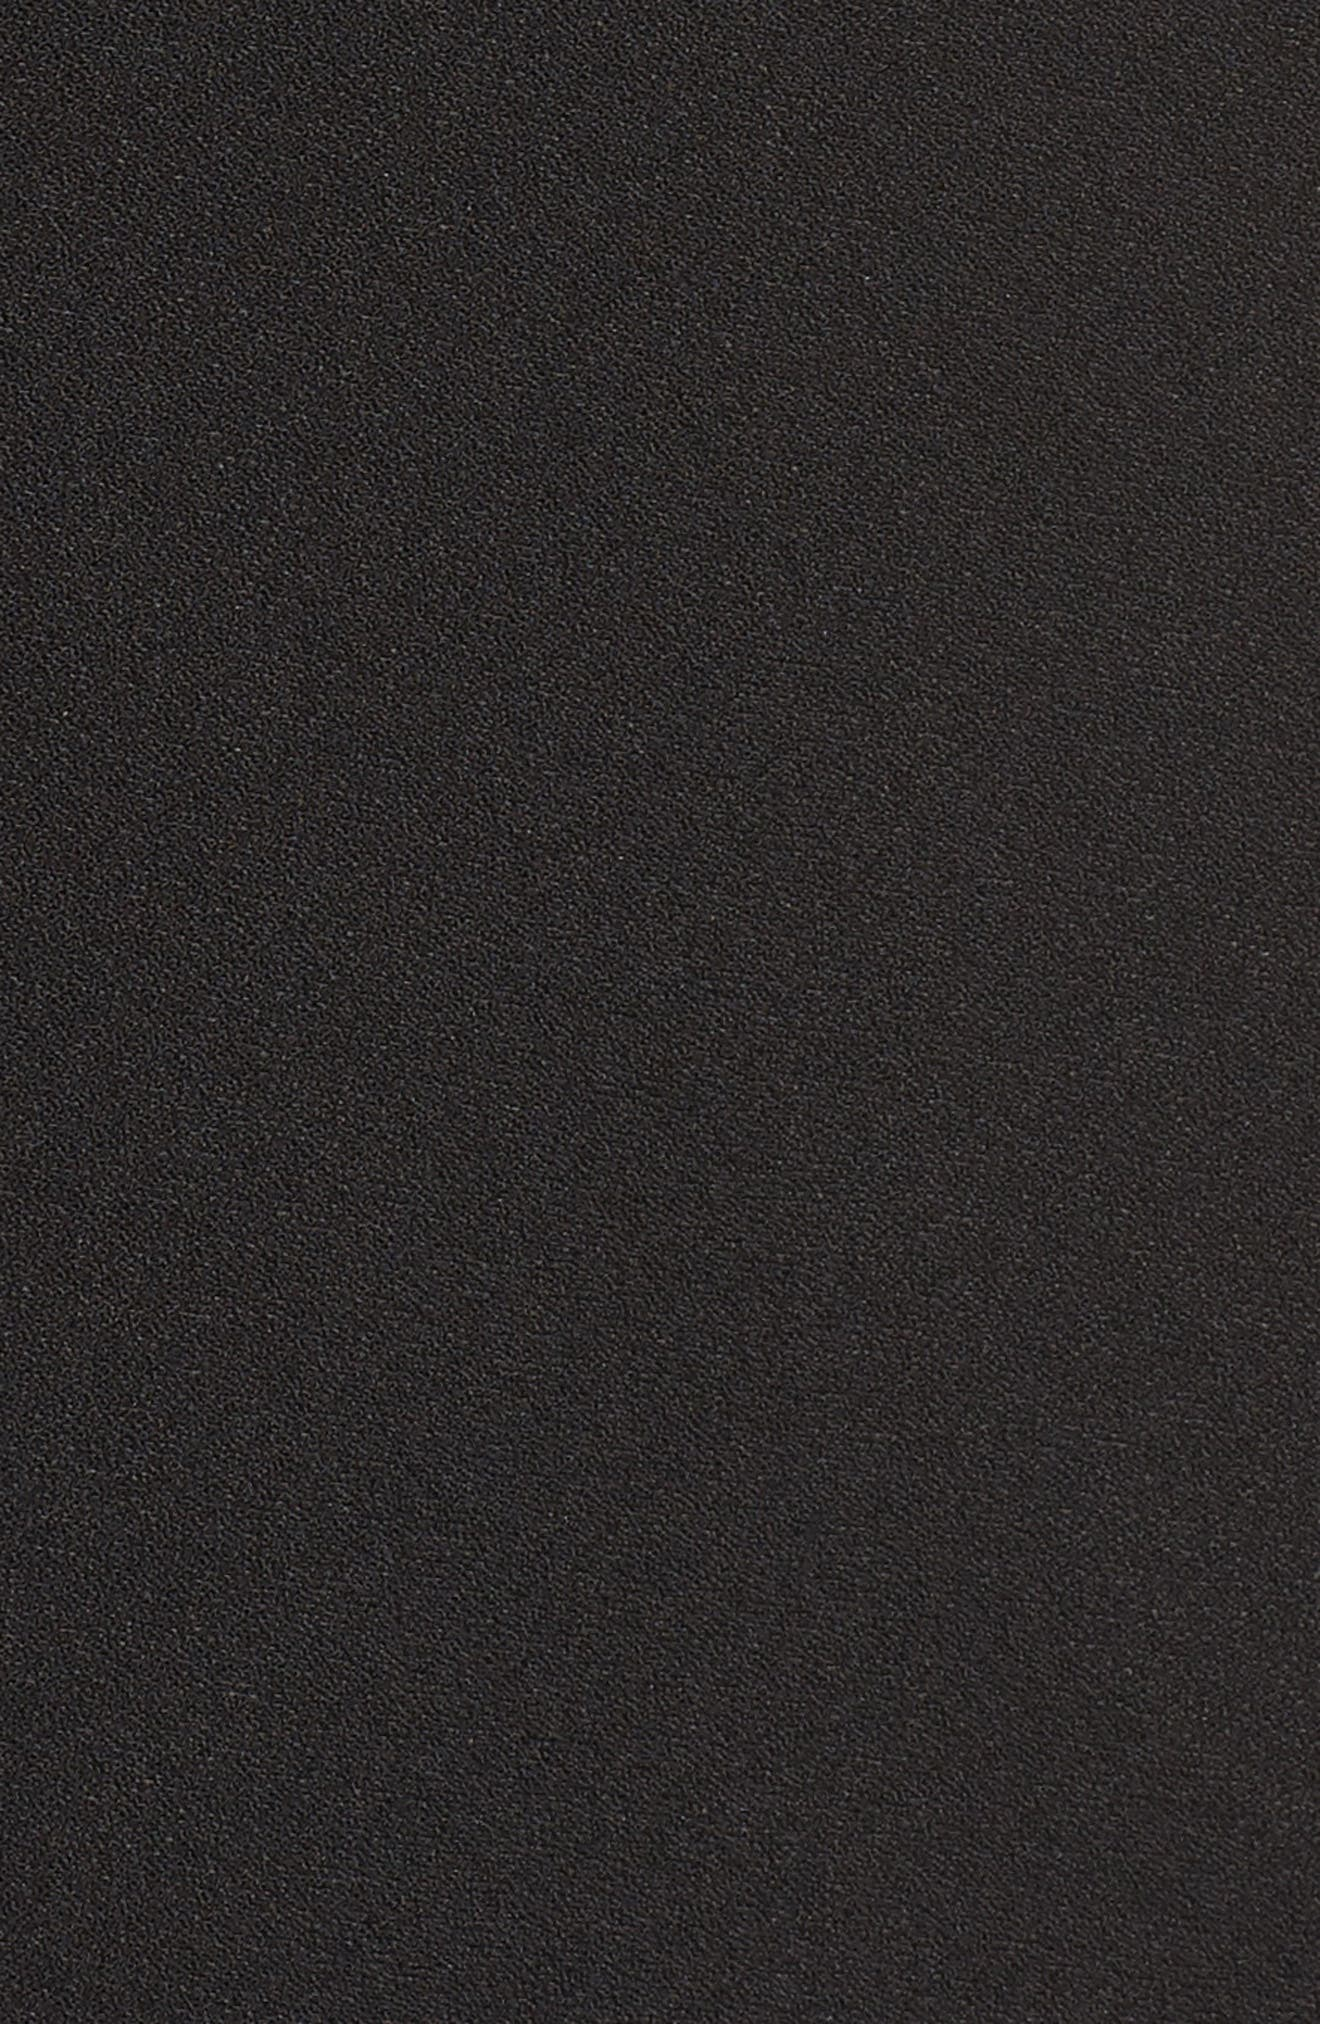 Bell Sleeve Blazer,                             Alternate thumbnail 6, color,                             001